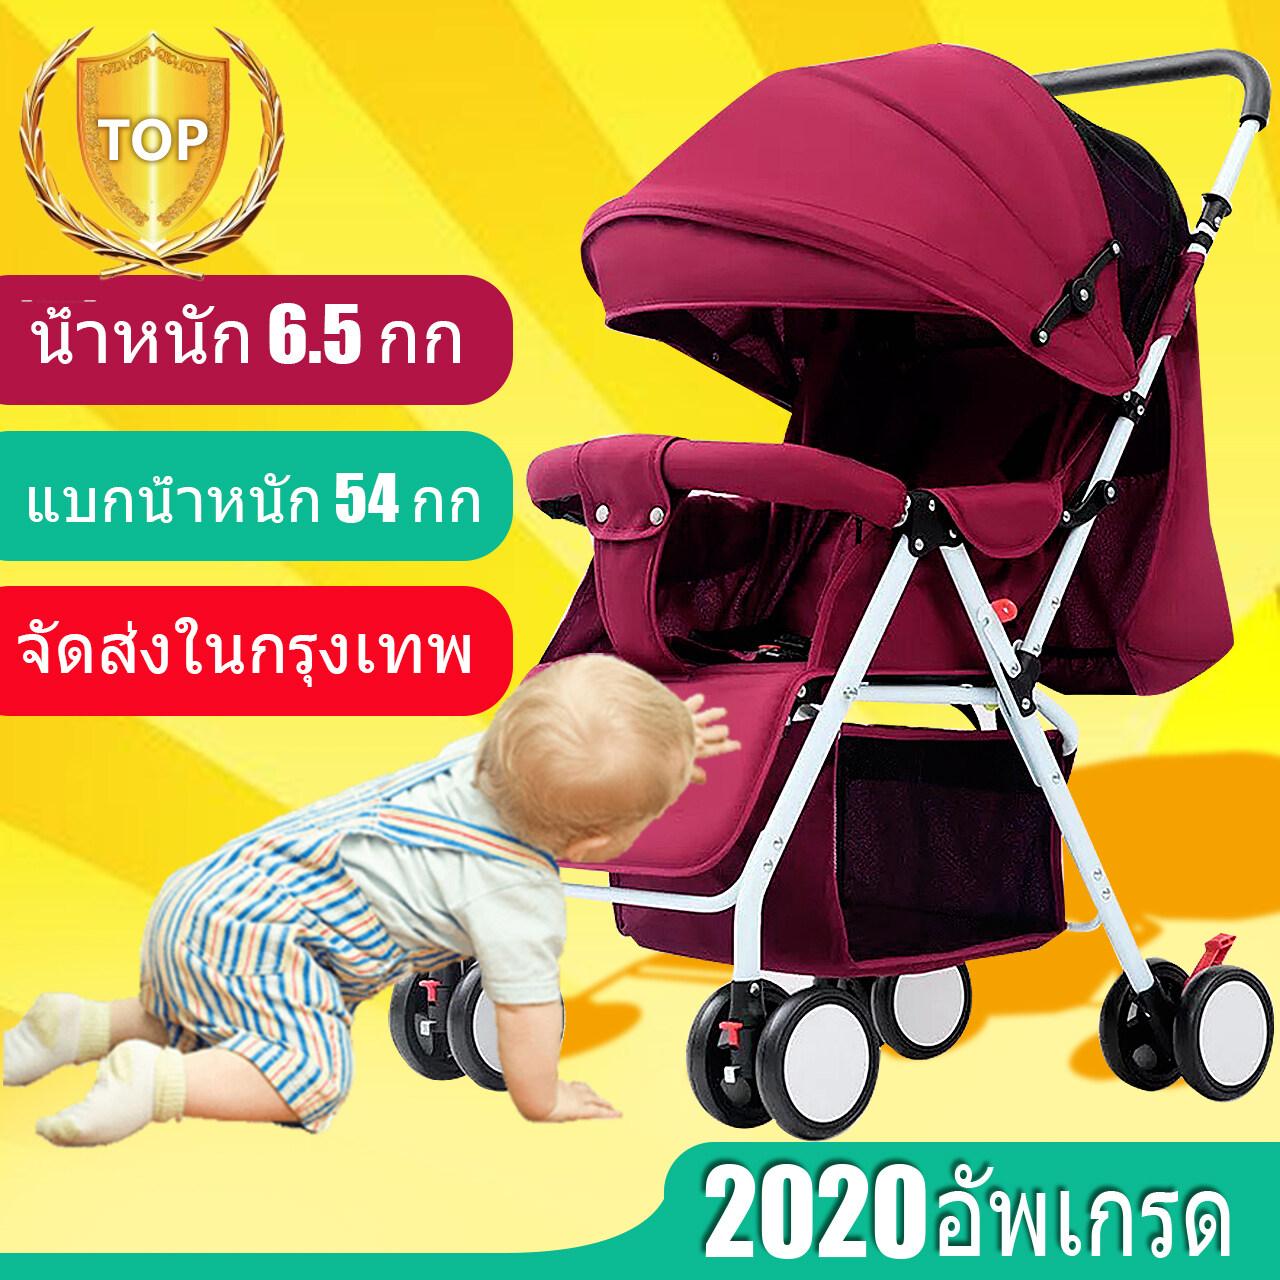 【ซื้อ 1 แถม 5】【 Baby trolleyรถเข็นเด็ก ( เข็นหน้า-หลัง ) ใช้ได้ตั้งเเต่เเรกเกิด ปรับ 3 ระดับ ( นั่ง/เอน/นอน 175 องศา) โครงเหล็ก SGS รับน้ำหนักได้มากสองสไตล์ถึ